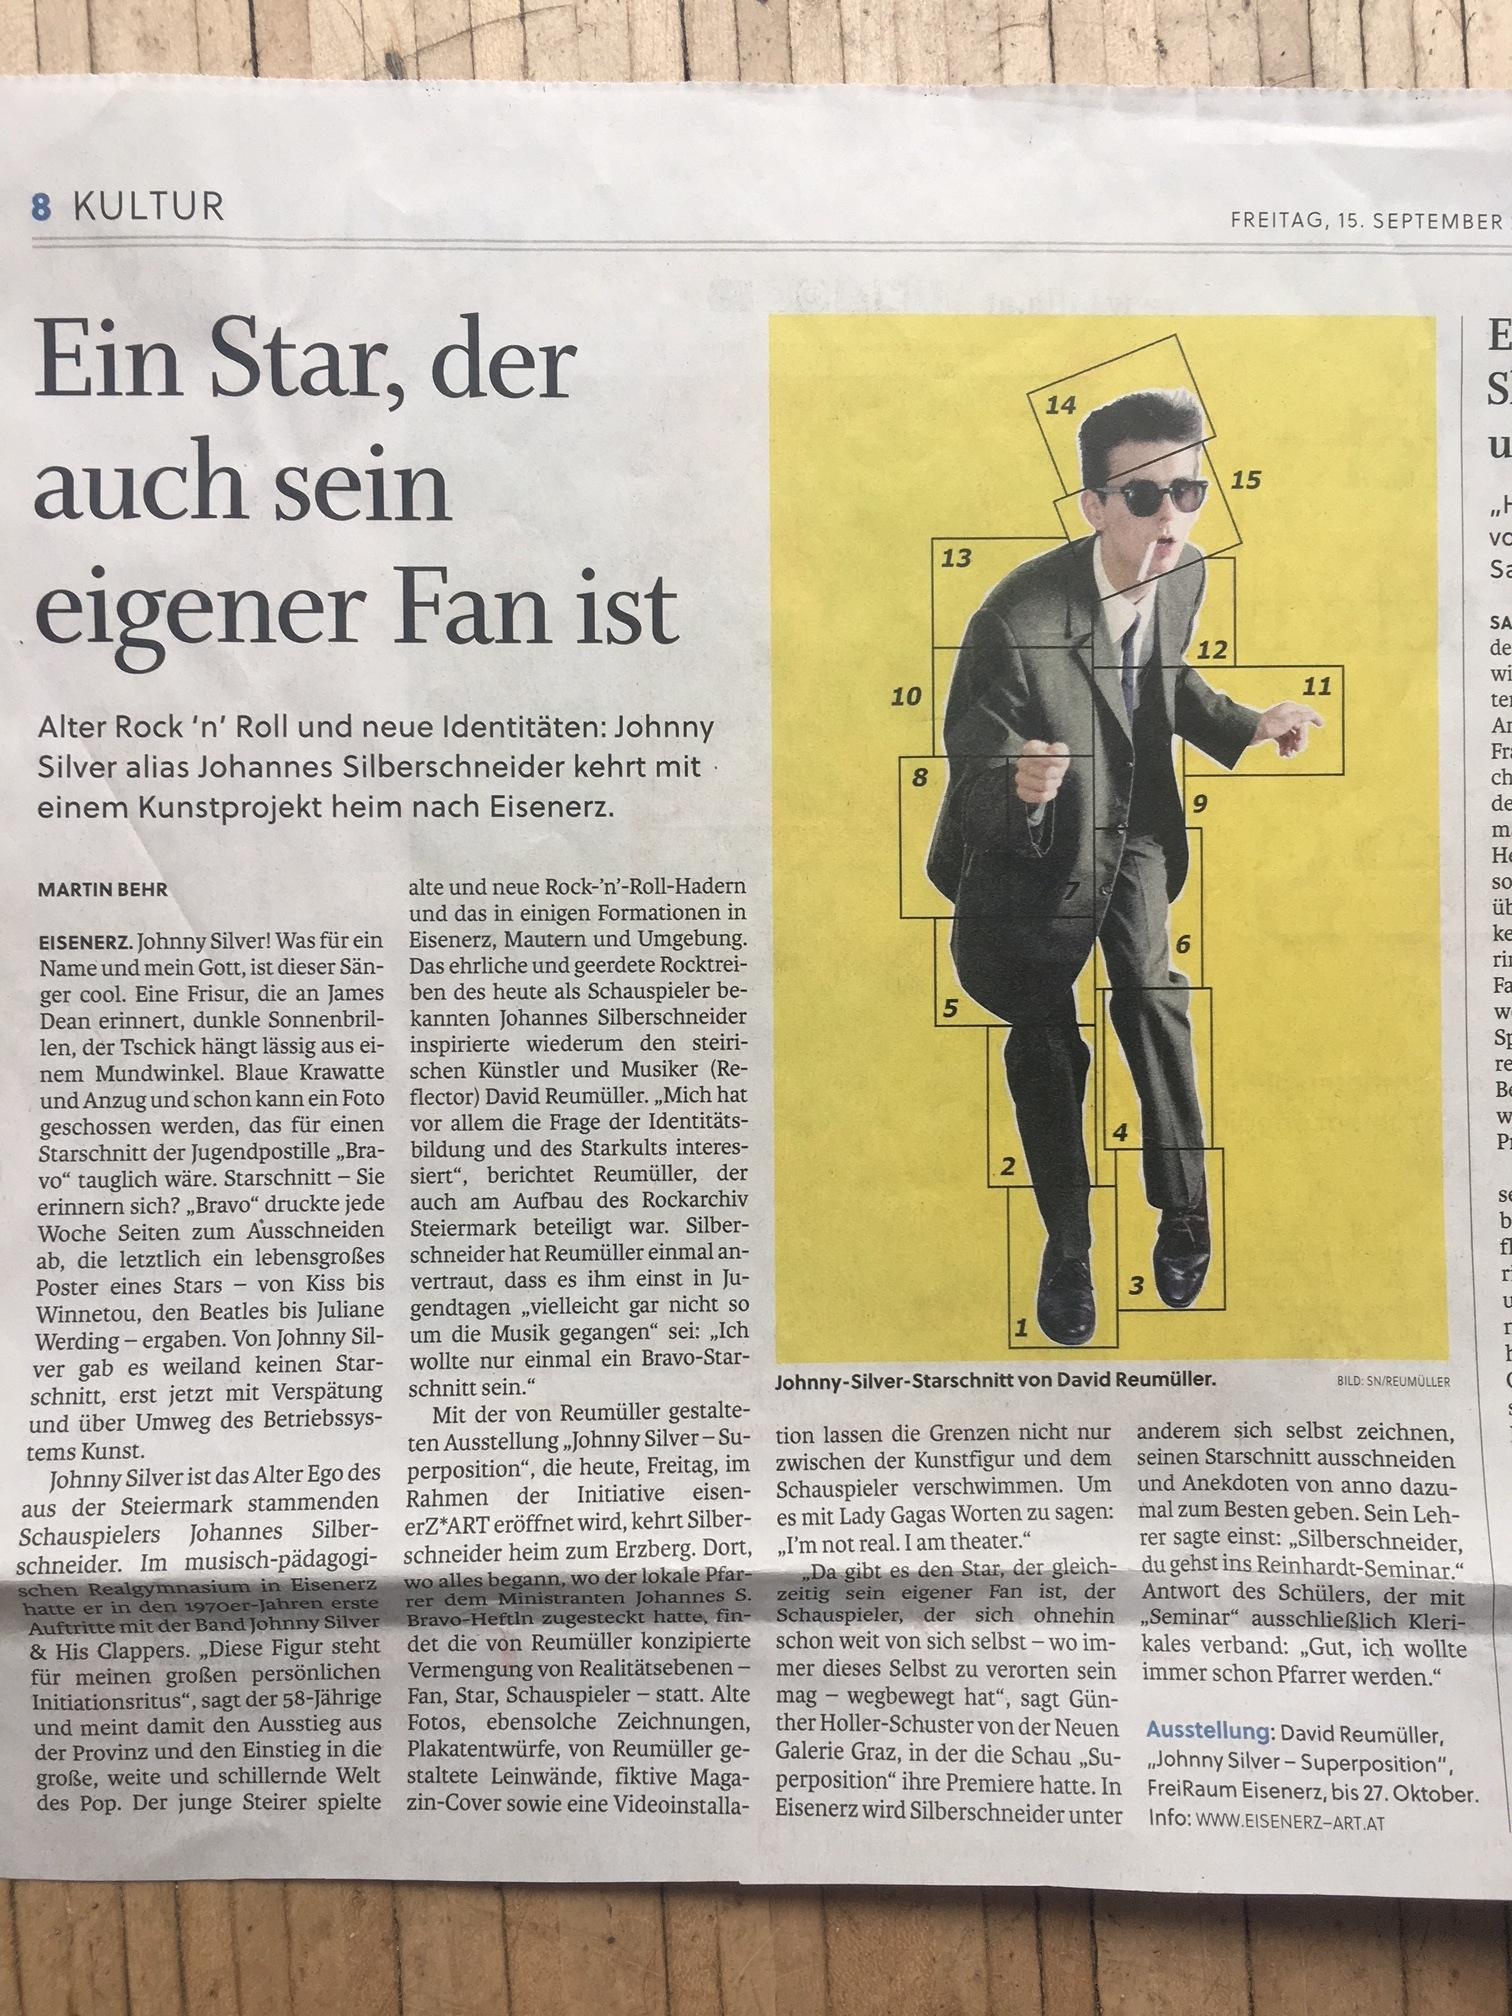 Salzburger Nachrichten 15.09.17